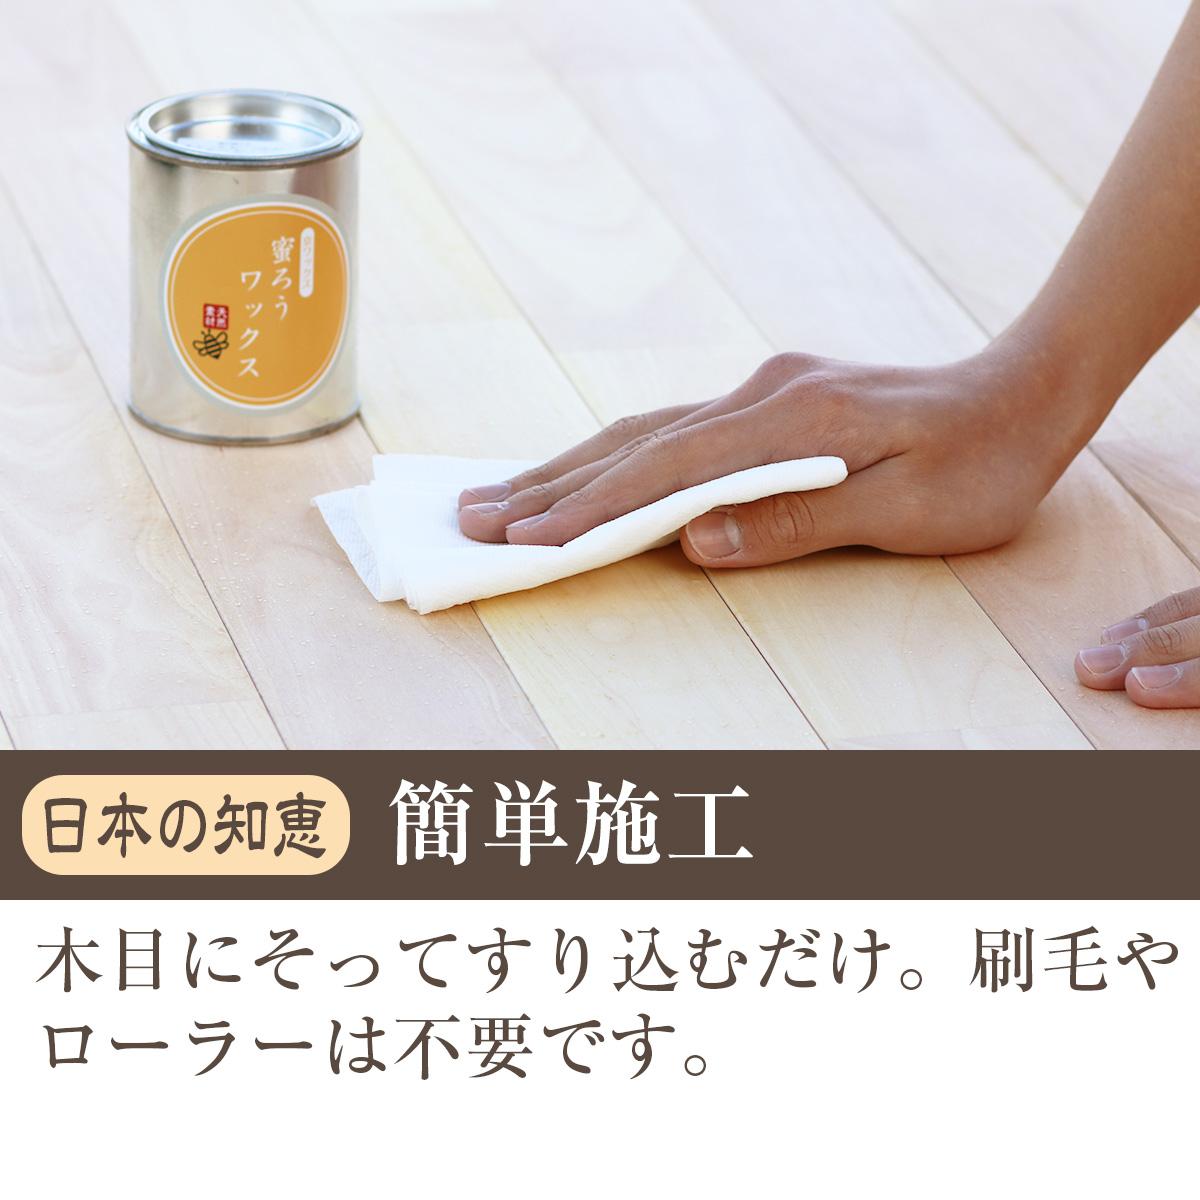 蜜ろうワックスは誰でも簡単に塗れます 綿の雑巾やウエスを使い木目に沿ってすり込むだけ 刷毛やローラーは不要です